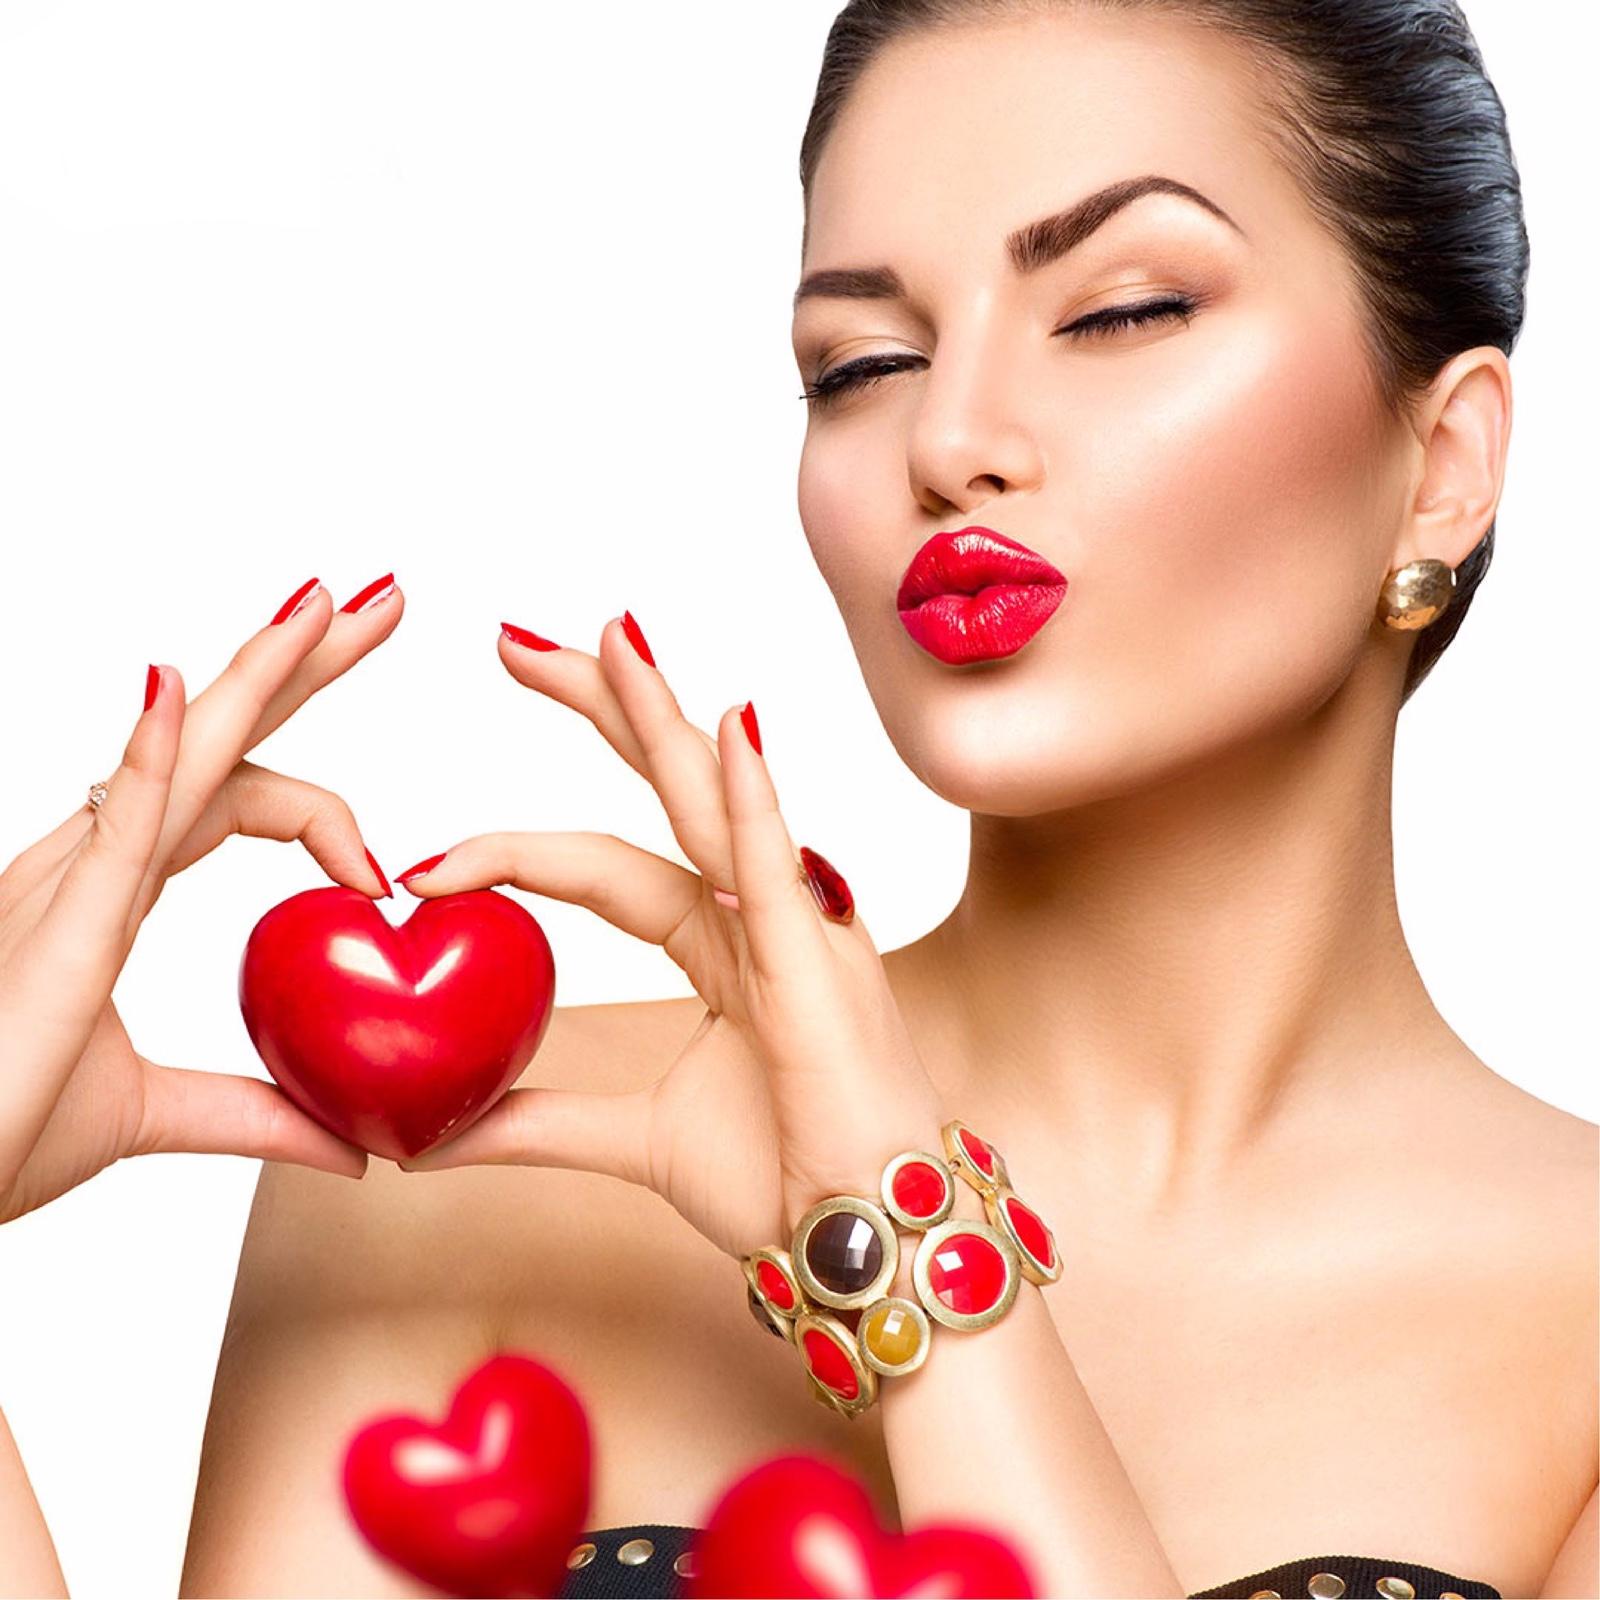 【游诺曼底】苹果的魅力知多少?